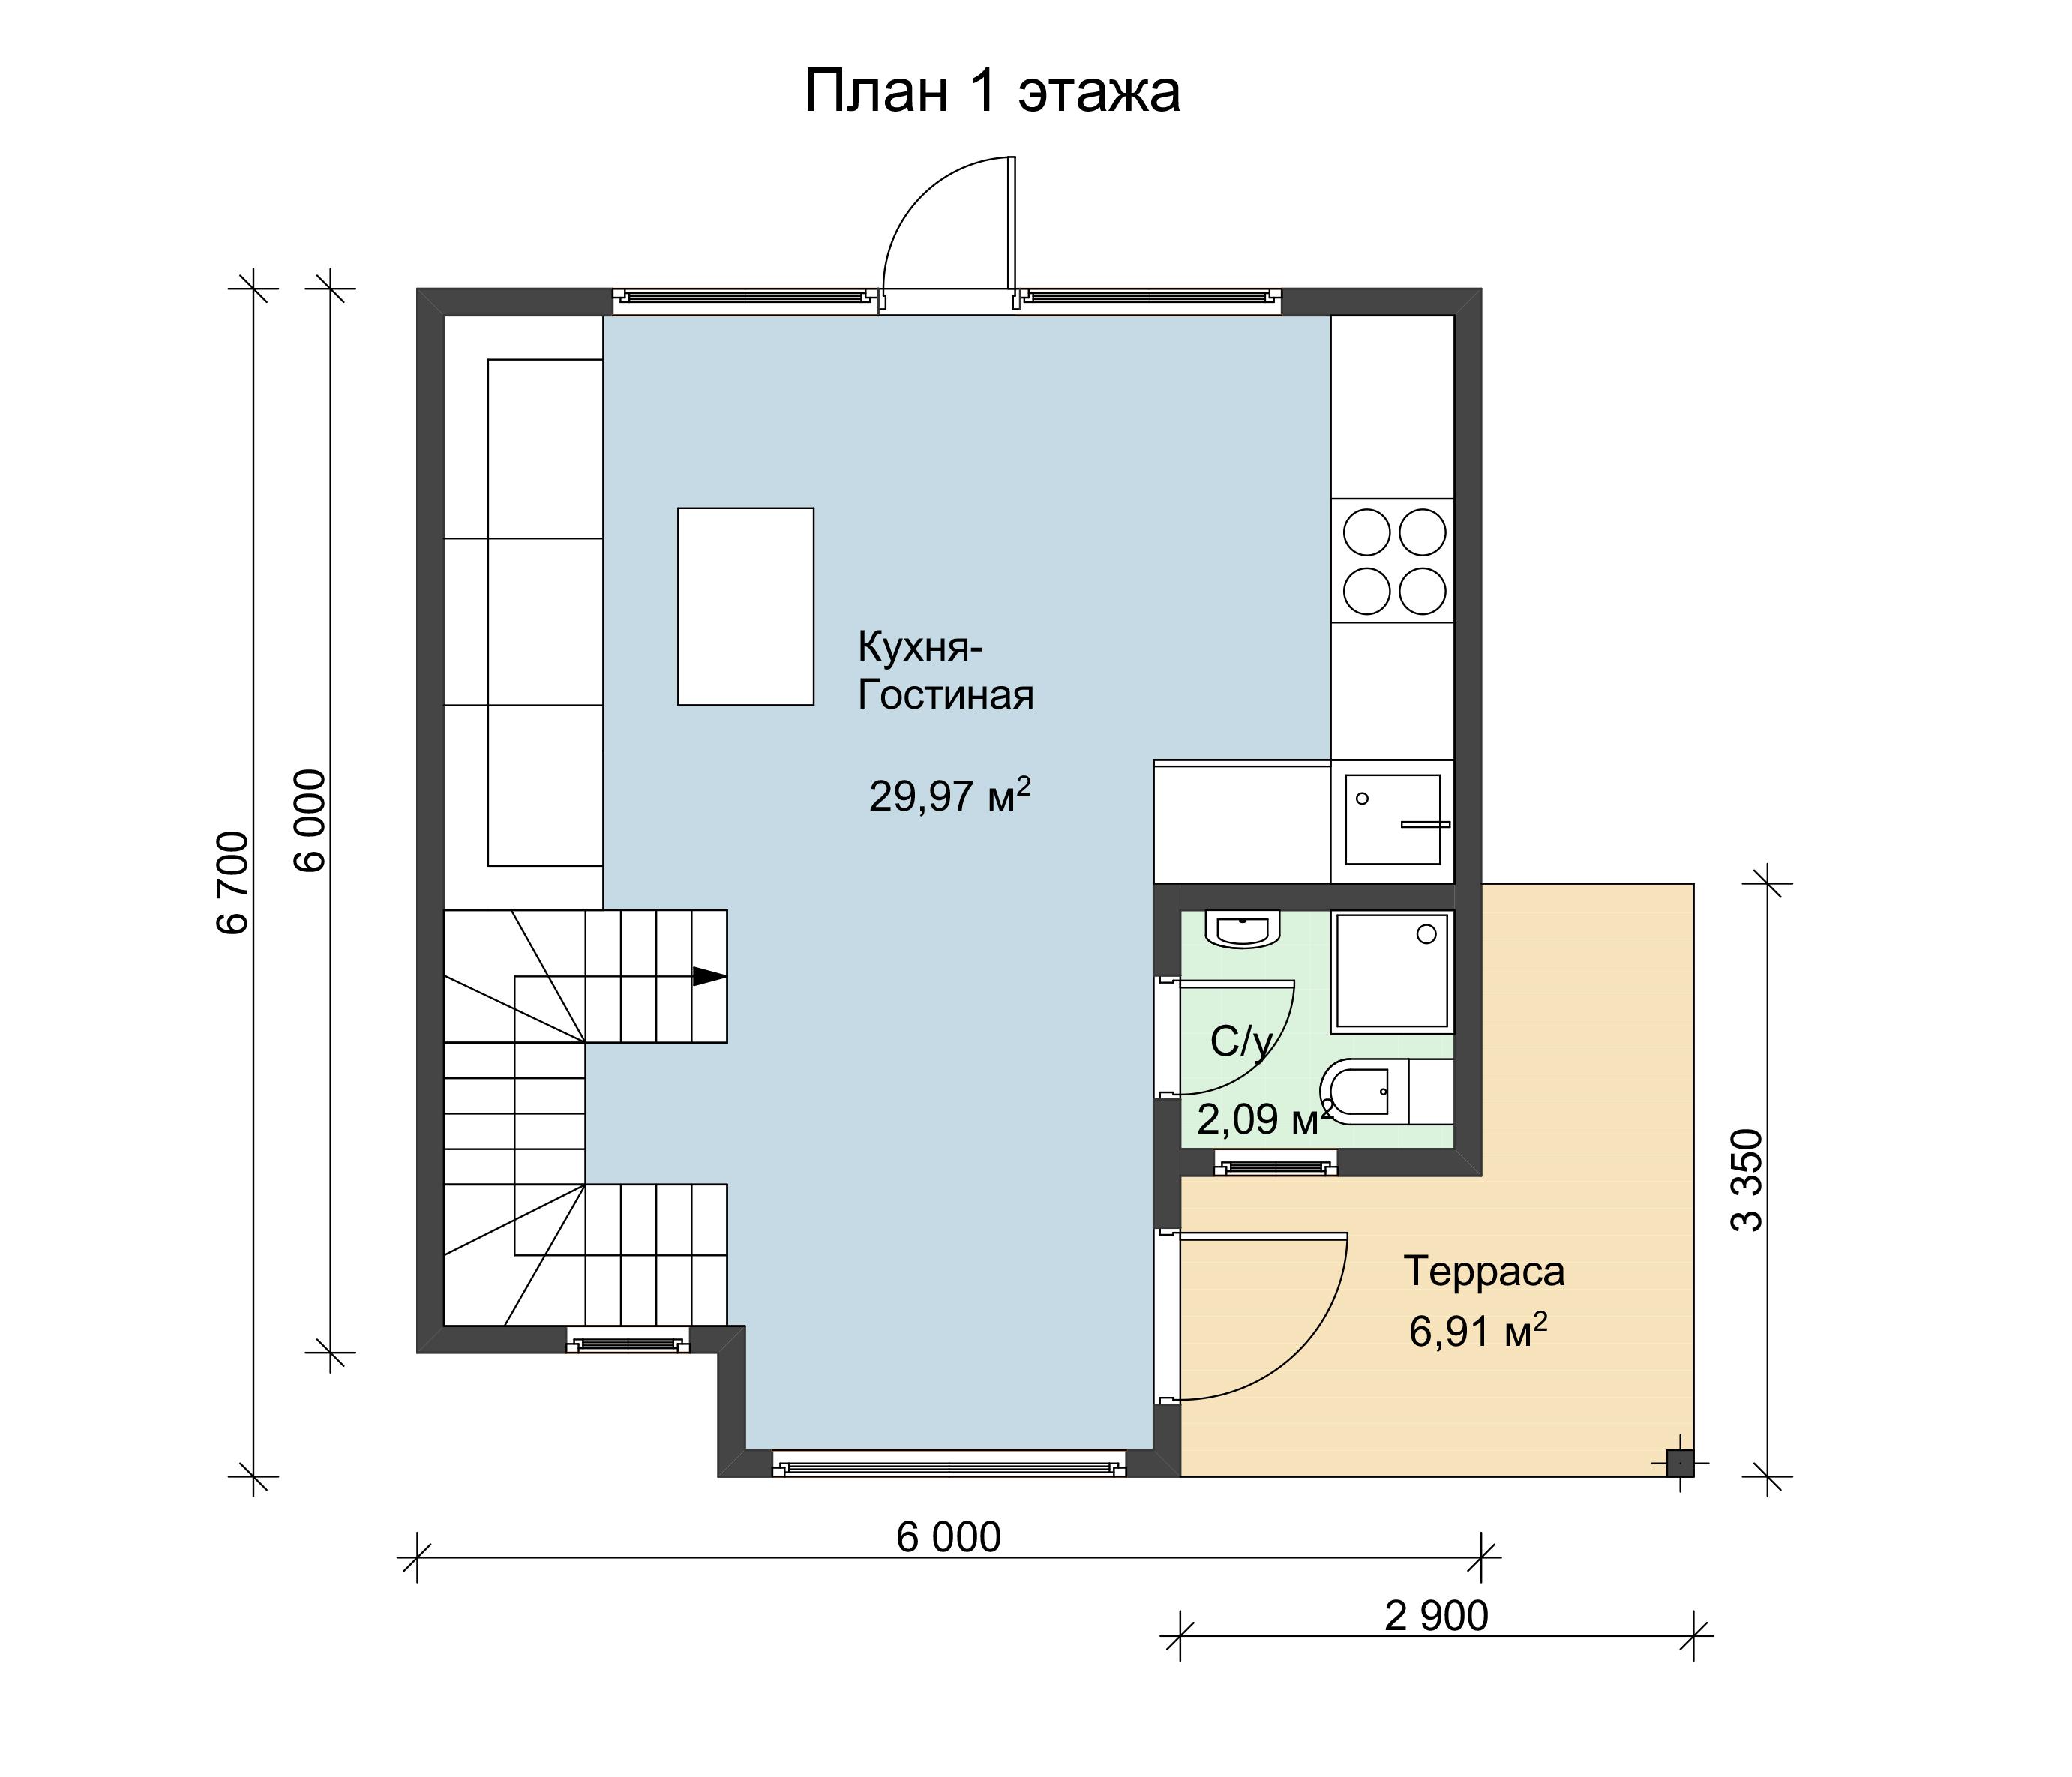 Схема 1 этажа двухэтажного дома по каркасной технологии